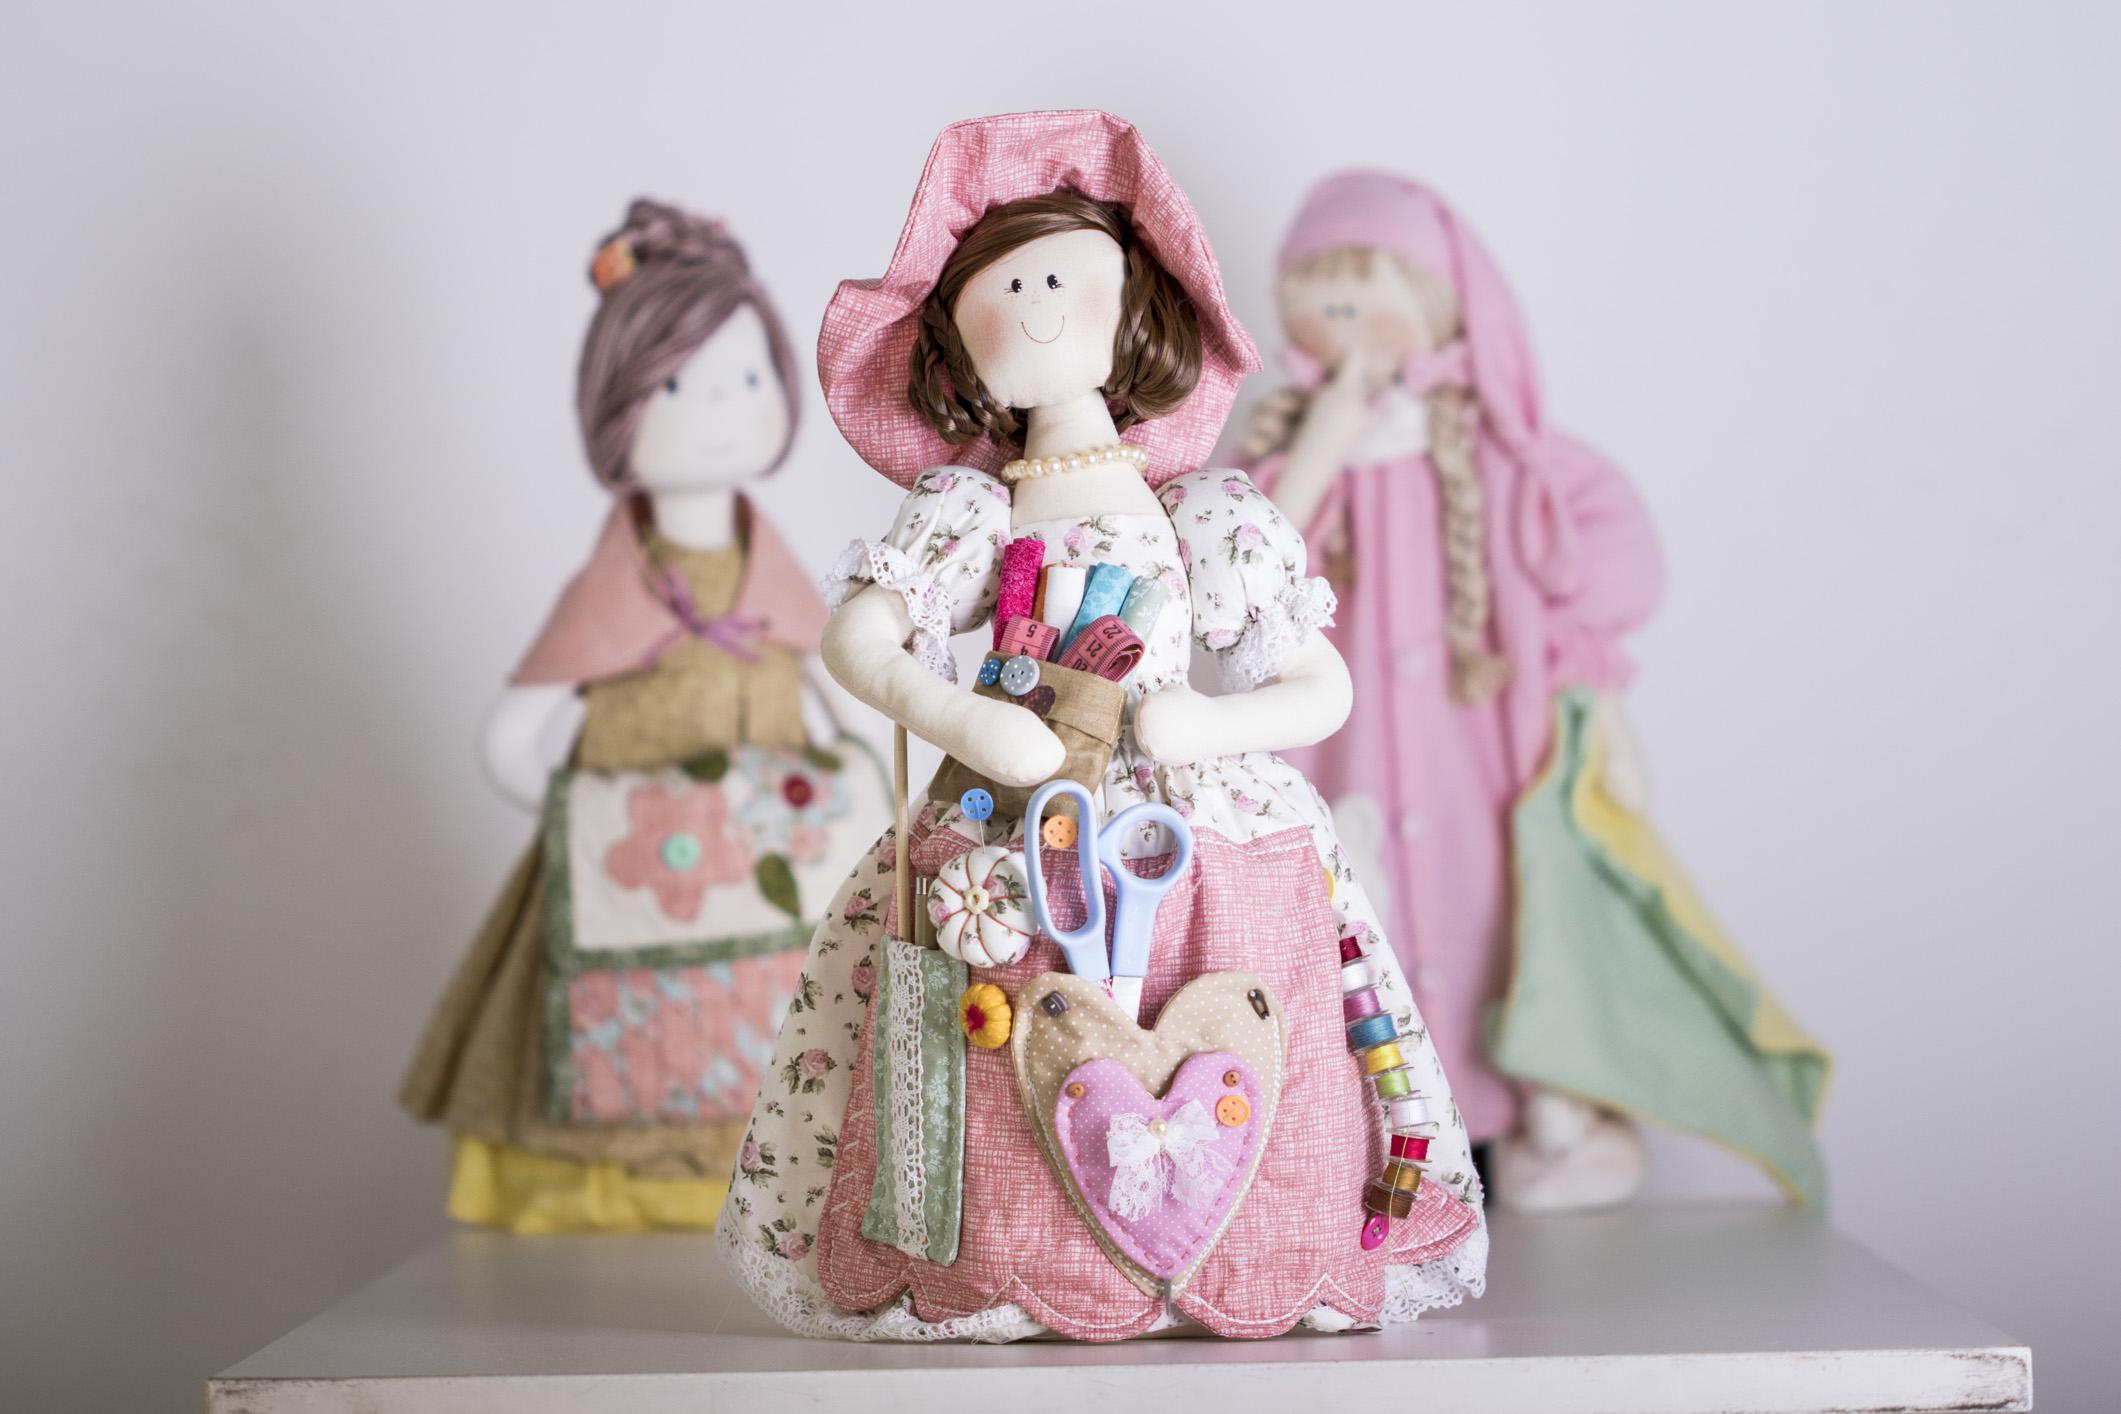 Bonecas que decoram e têm função utilitária! Lindas demais!